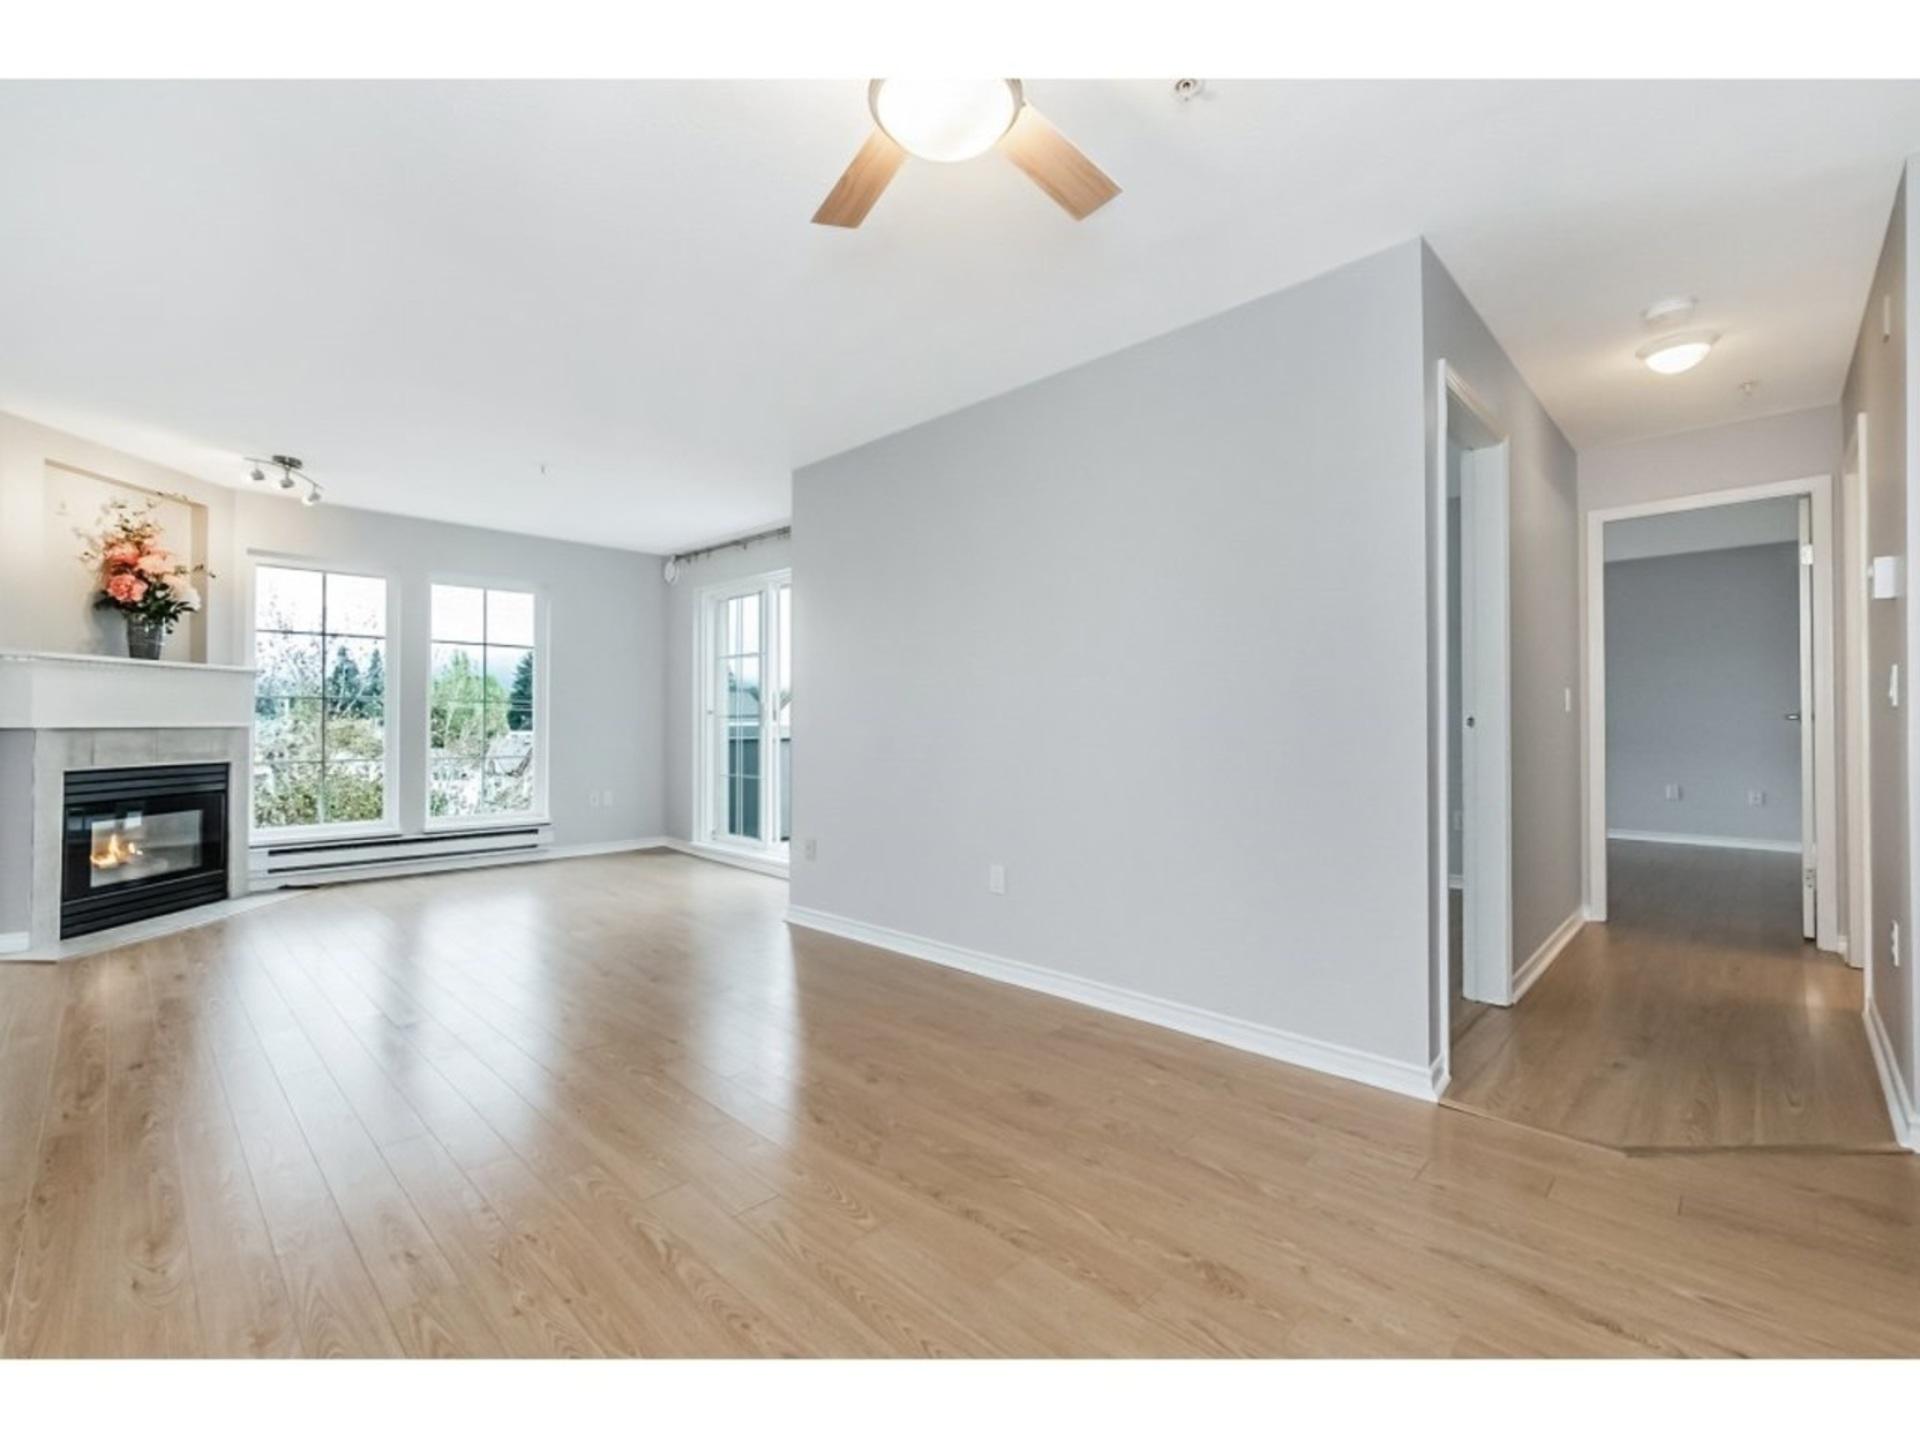 1669-grant-avenue-glenwood-pq-port-coquitlam-03 at 409 - 1669 Grant Avenue, Glenwood PQ, Port Coquitlam